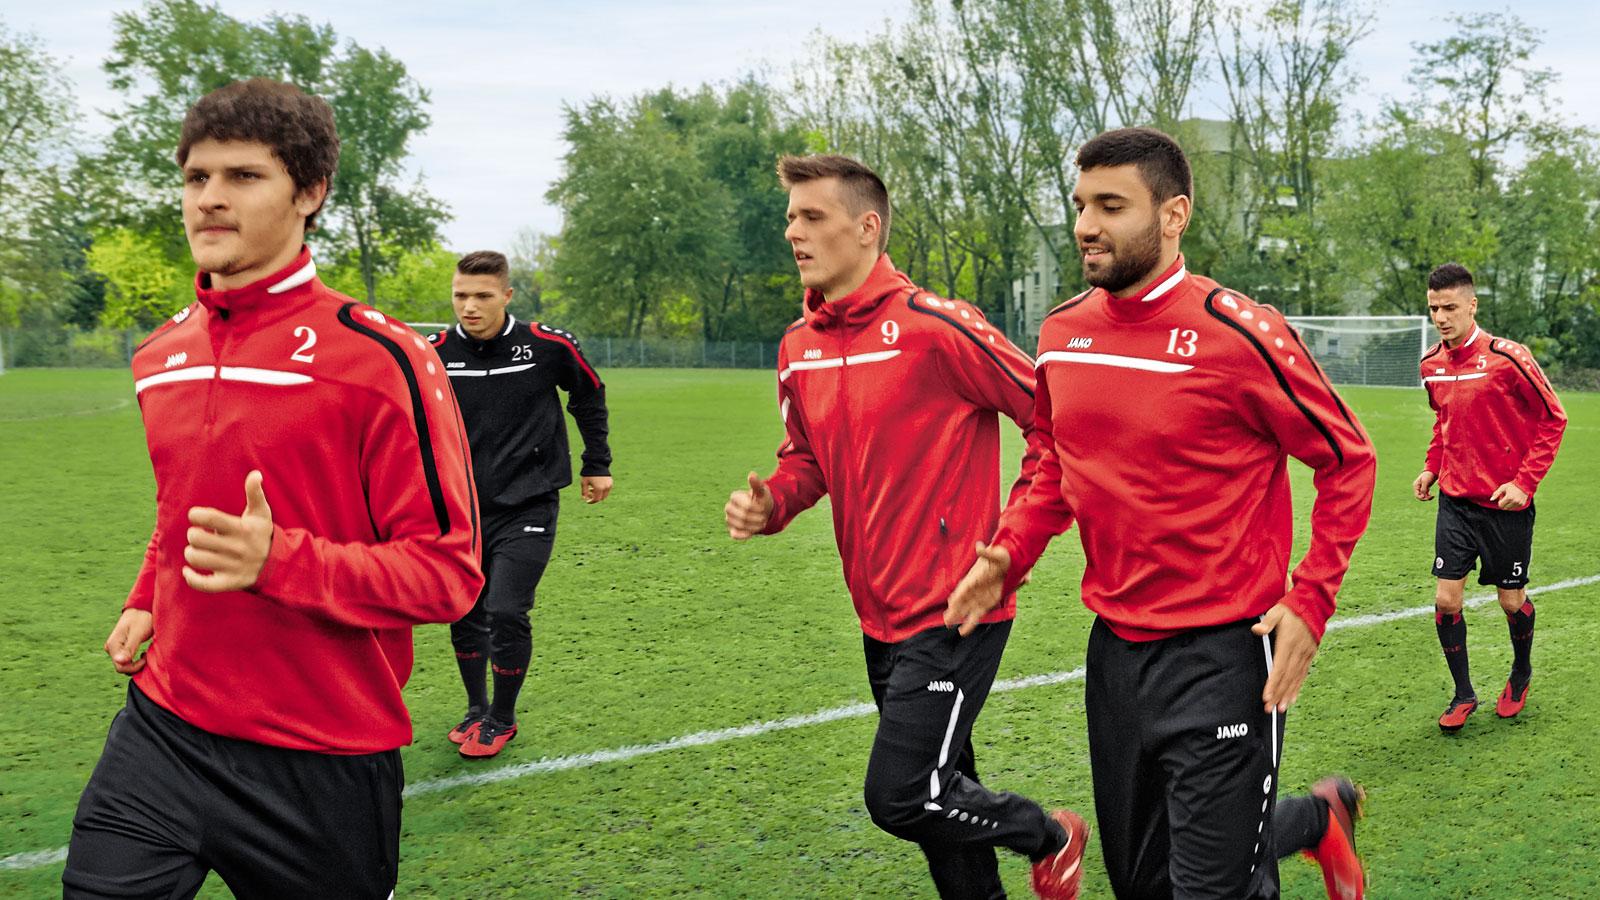 Jako Copa Teamline Sportbekleidung für Vereine und Mannschaften